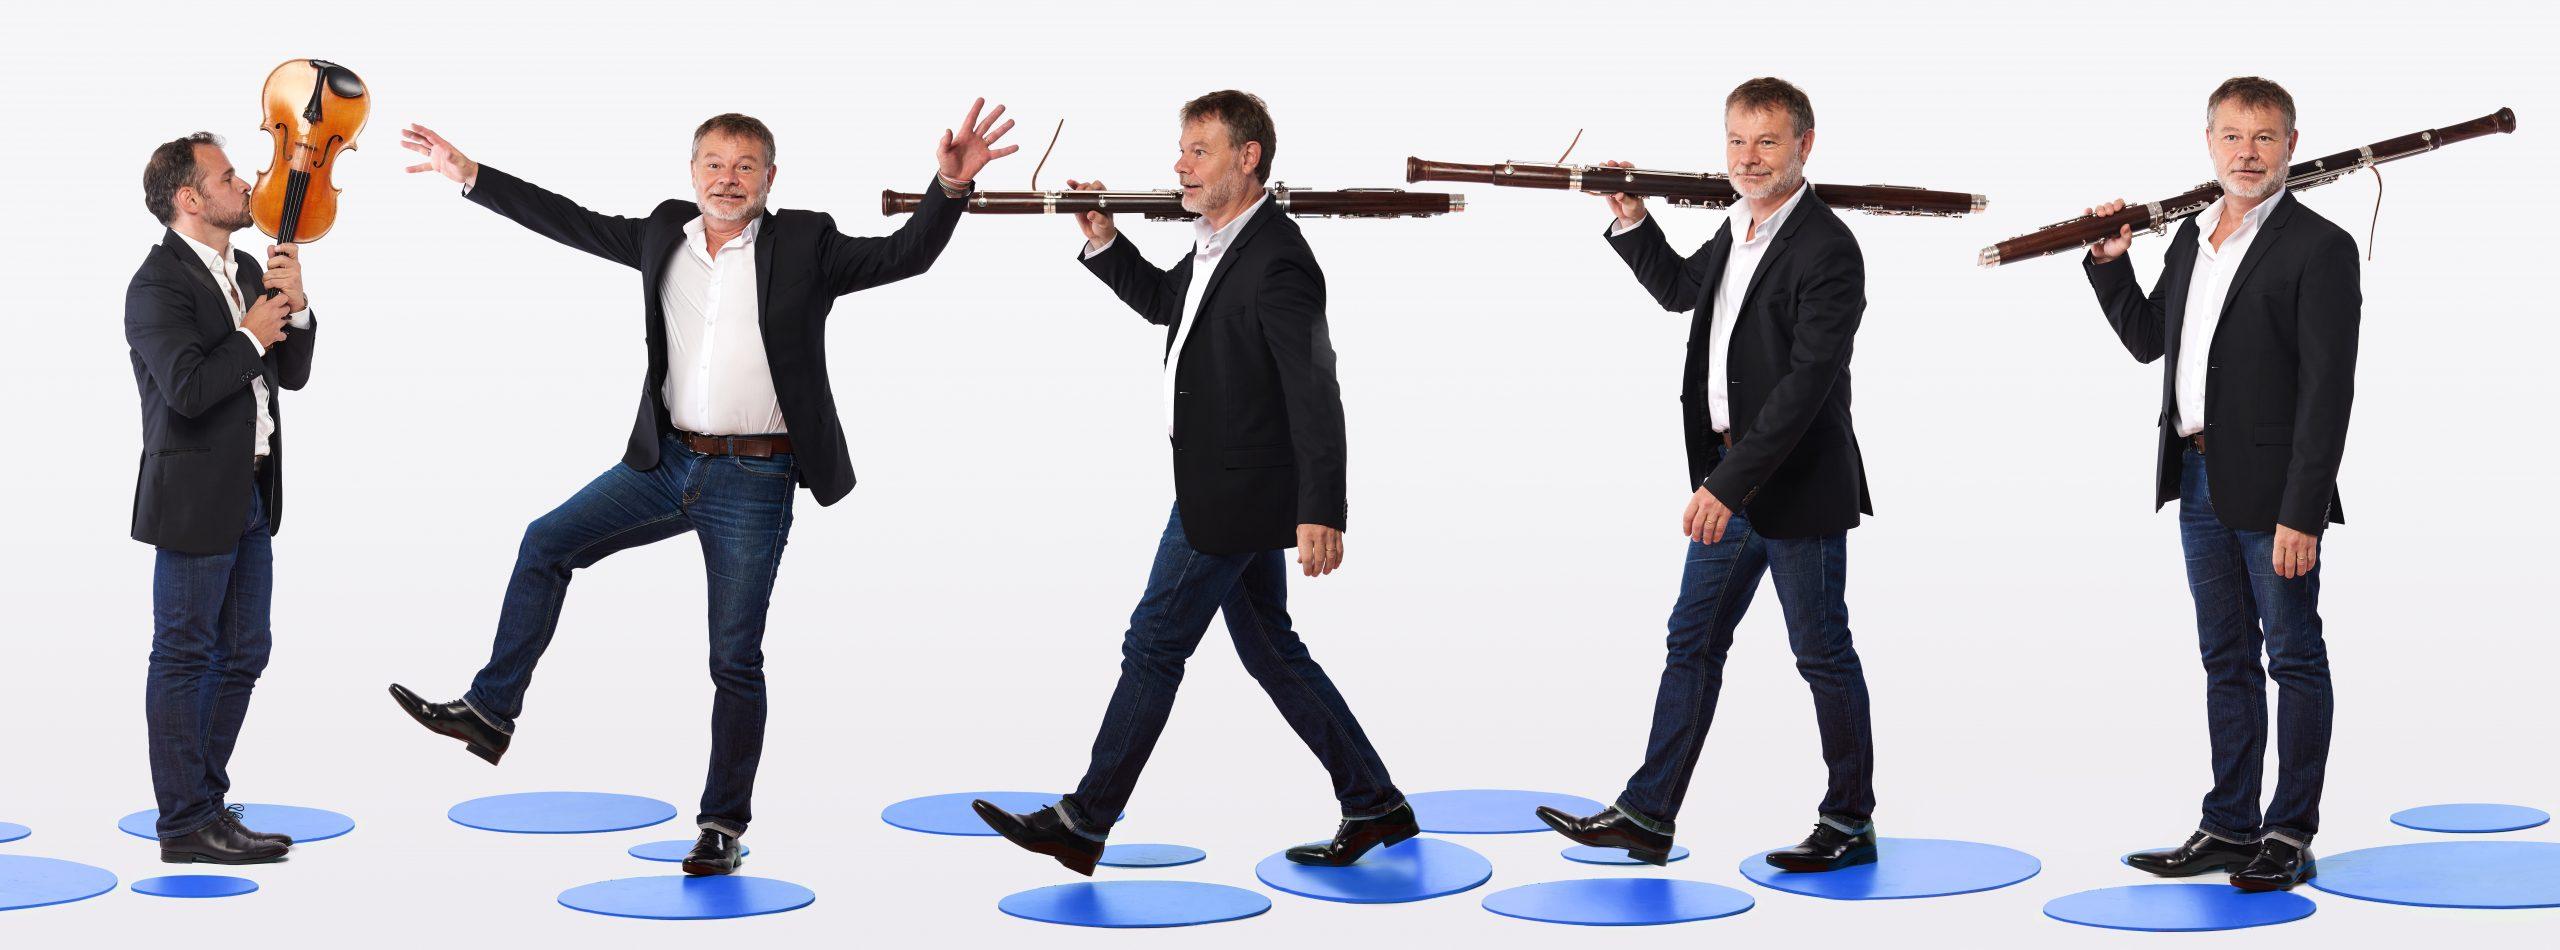 Battle 2x4 - Philharmonie de Poche